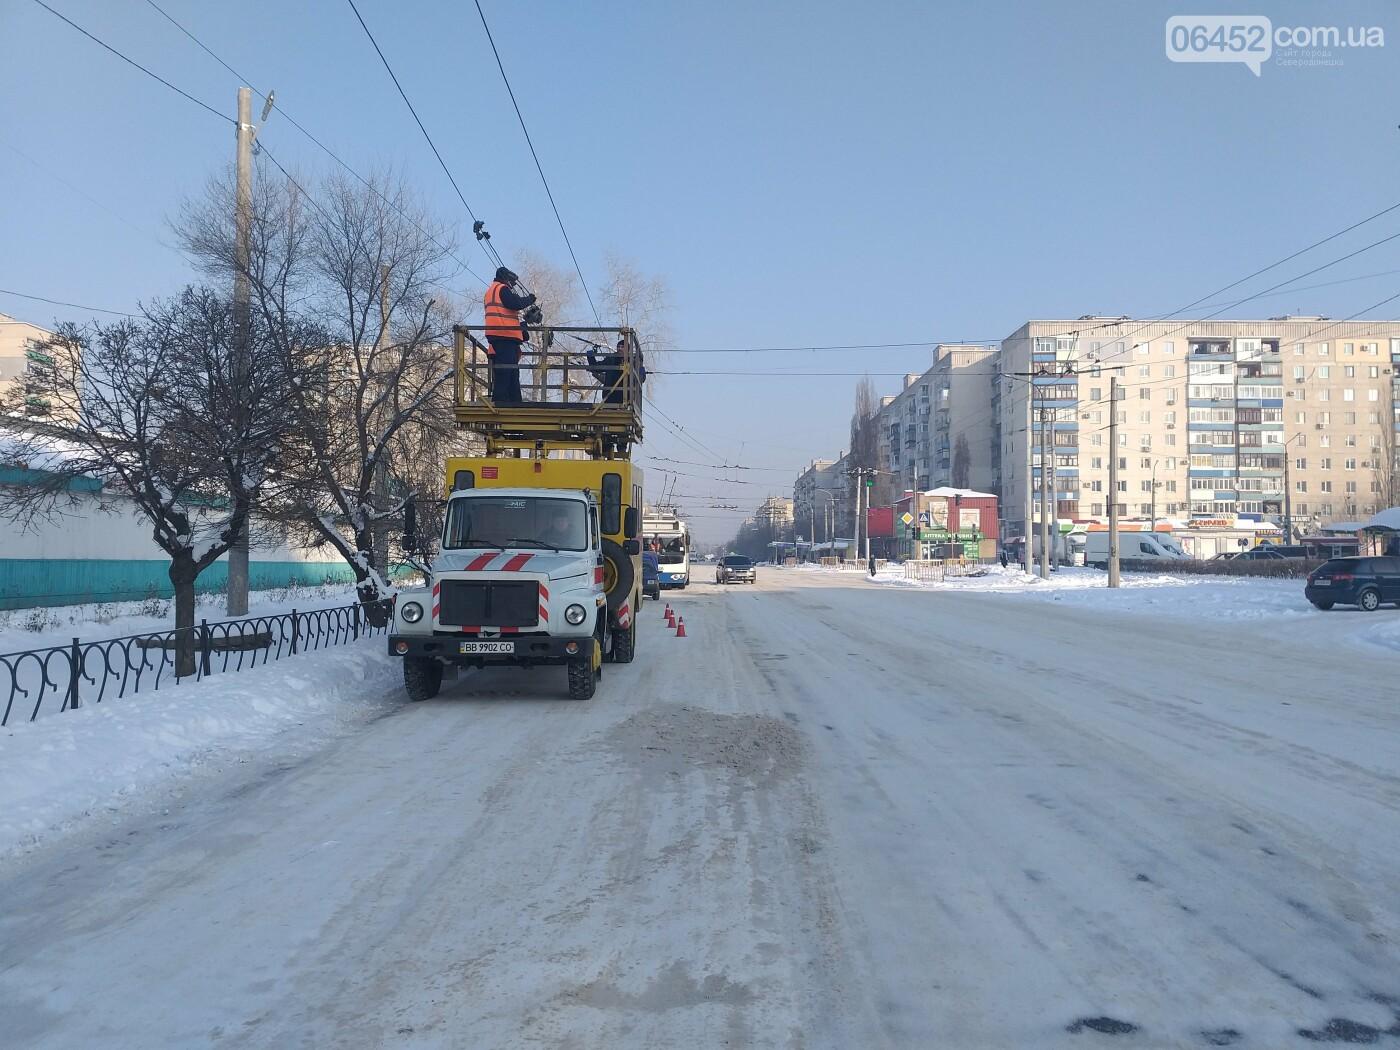 В Северодонецке сильные морозы стали причиной обрыва троллейбусных проводов  (фото,видео) , фото-6